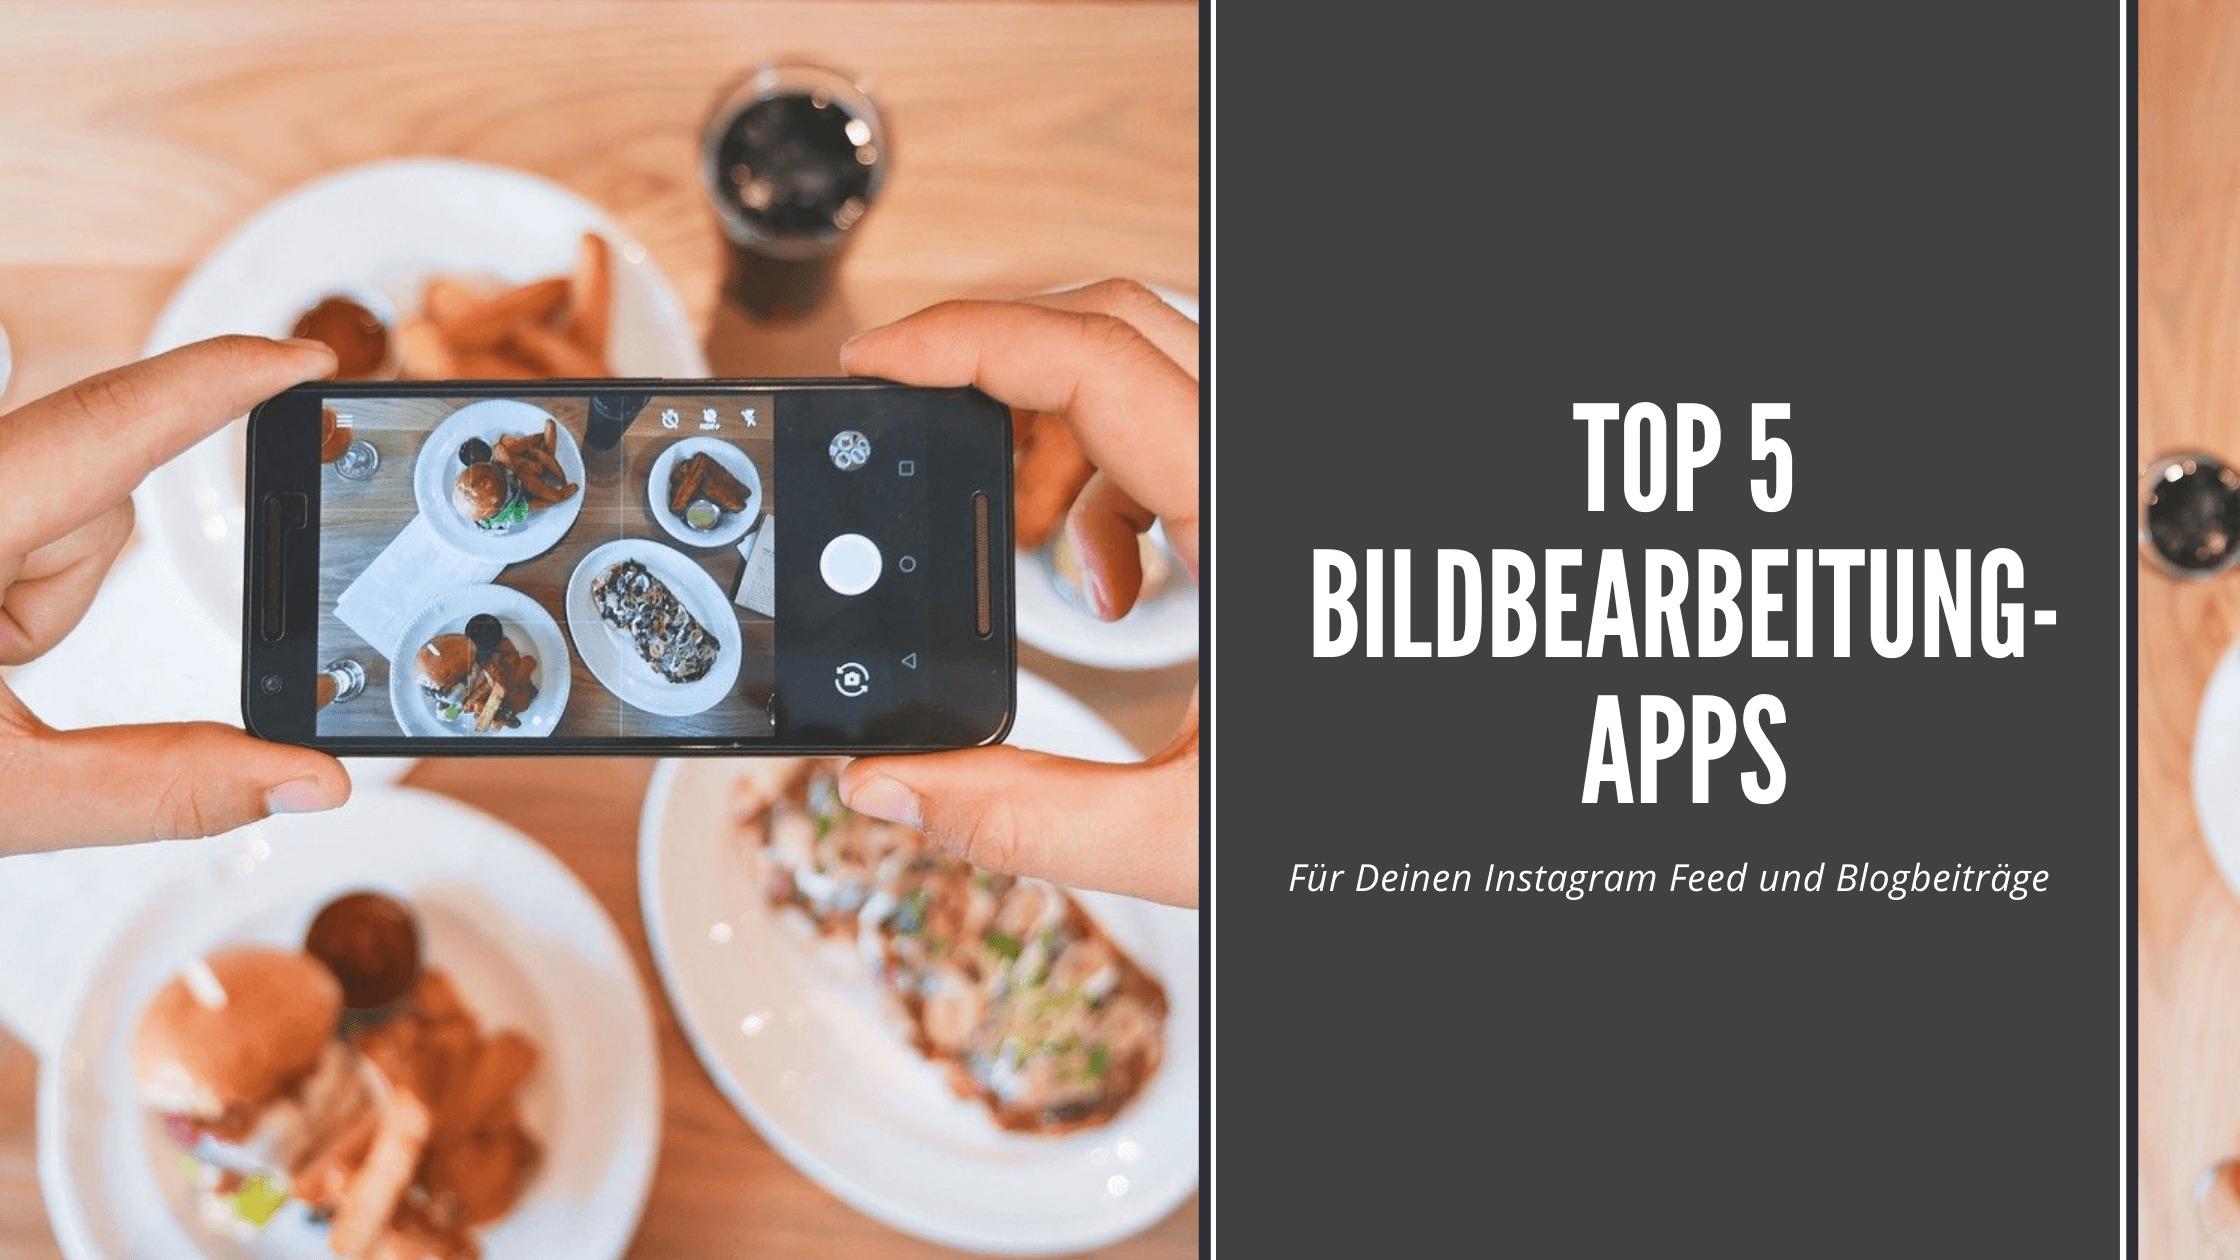 Top 5 Bildbearbeitung-apps